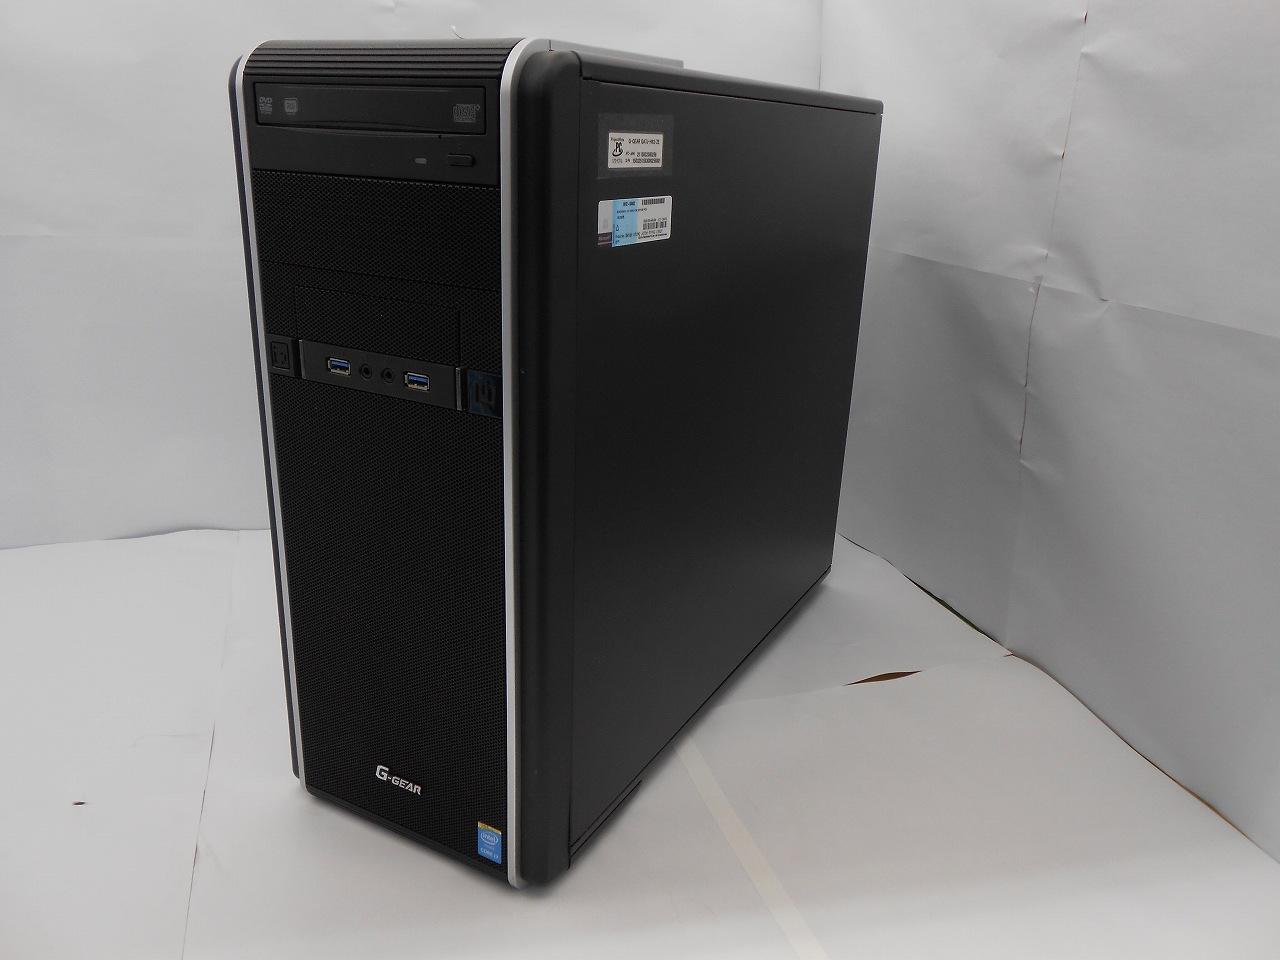 【中古ゲーミング】GA7J-H63/ZE/2014年モデル/Corei7 4790 3.6GHz/メモリ16GB/SATA2000GB/SSD275GB/Windows10Home【3ヶ月保証】【足立店発送】